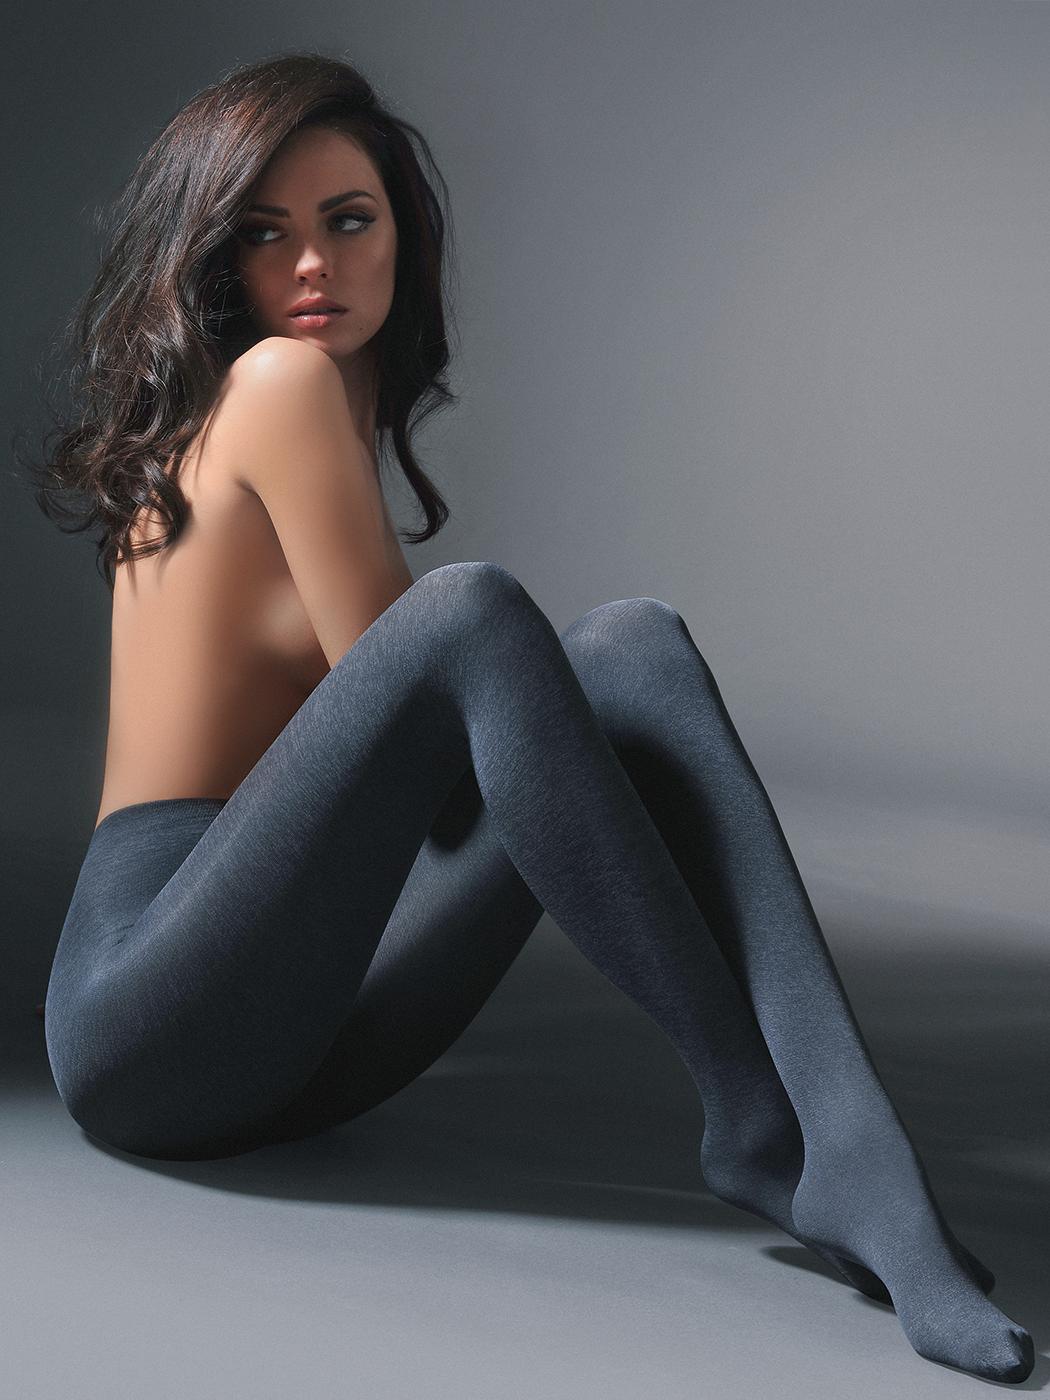 Женщина в серых чулках фото